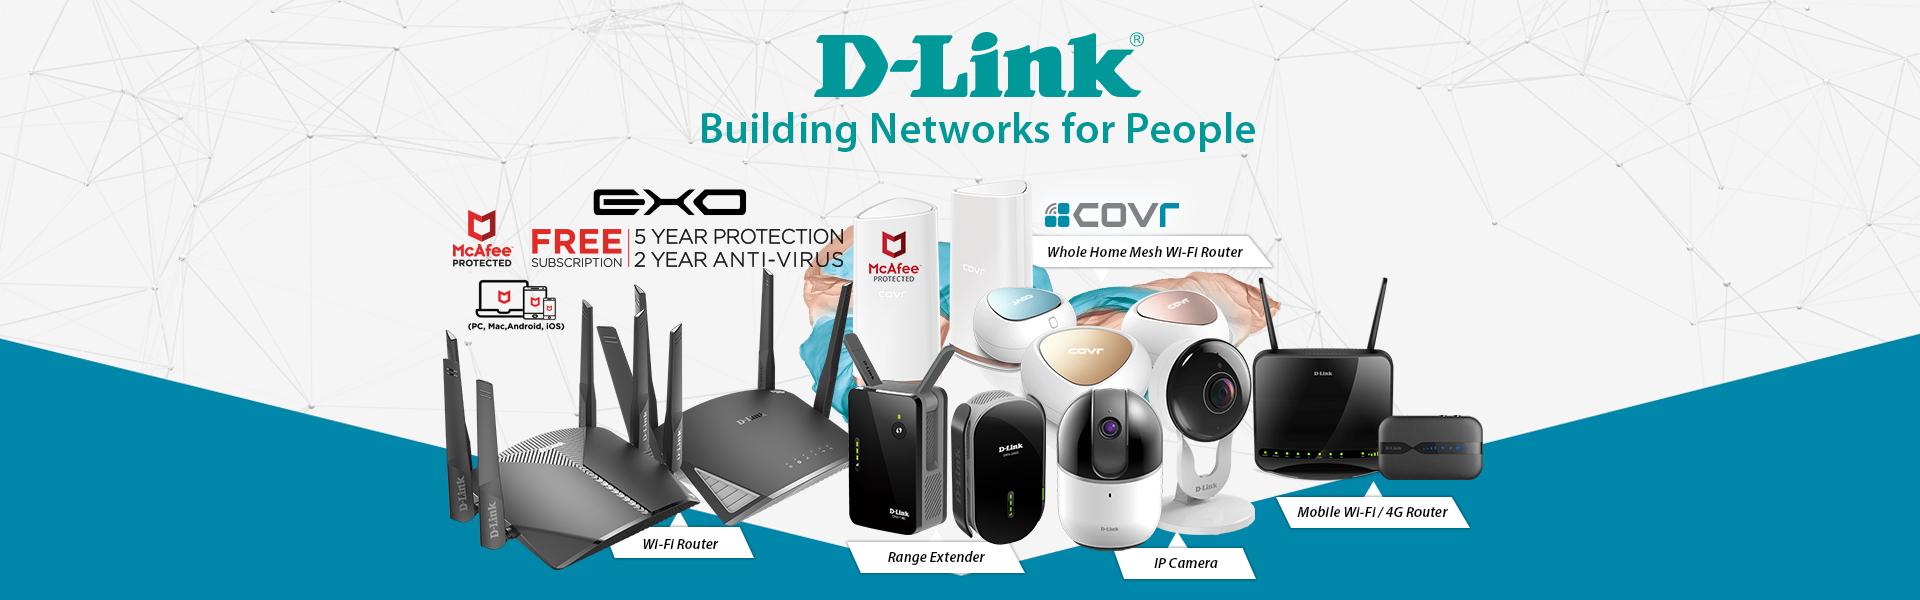 Web eBanner Advancenet (D-Link)